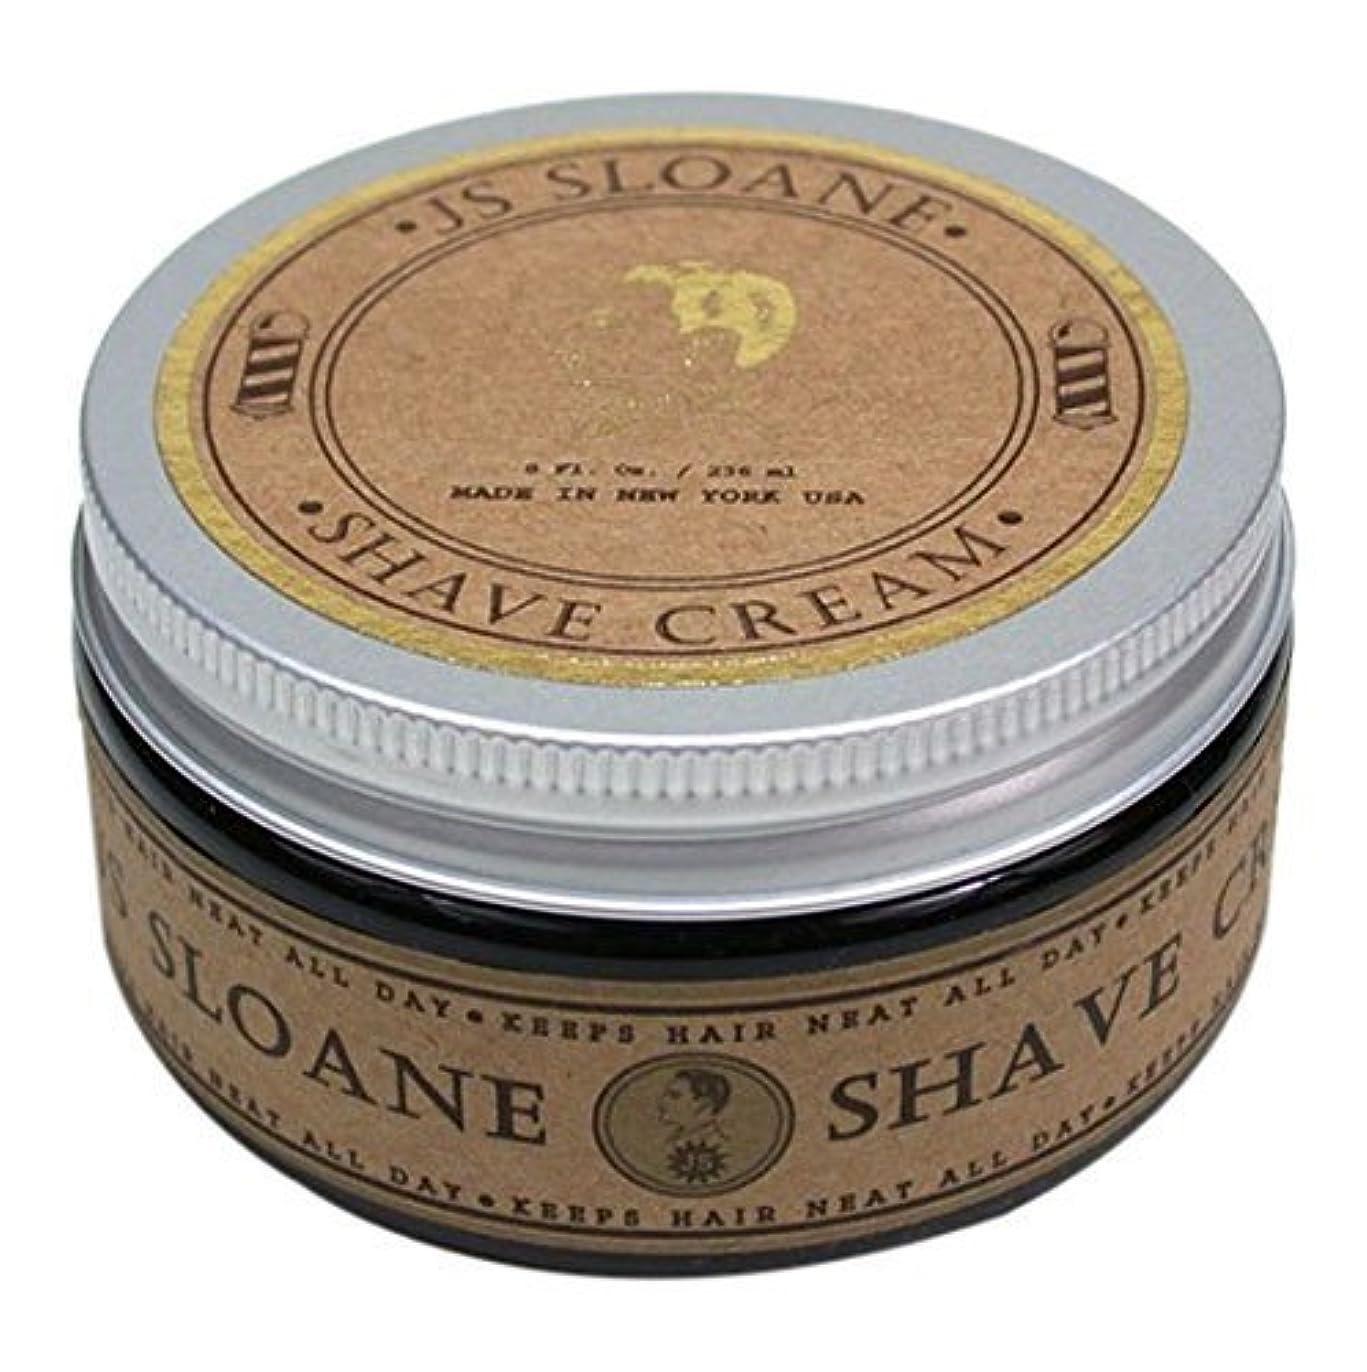 授業料聴衆適応ジェイエススローン(JS Sloane) ジェントルマンズ シェーブクリーム Gentlemen's Shave Cream メンズ 髭剃り シェービング クリーム フォーム